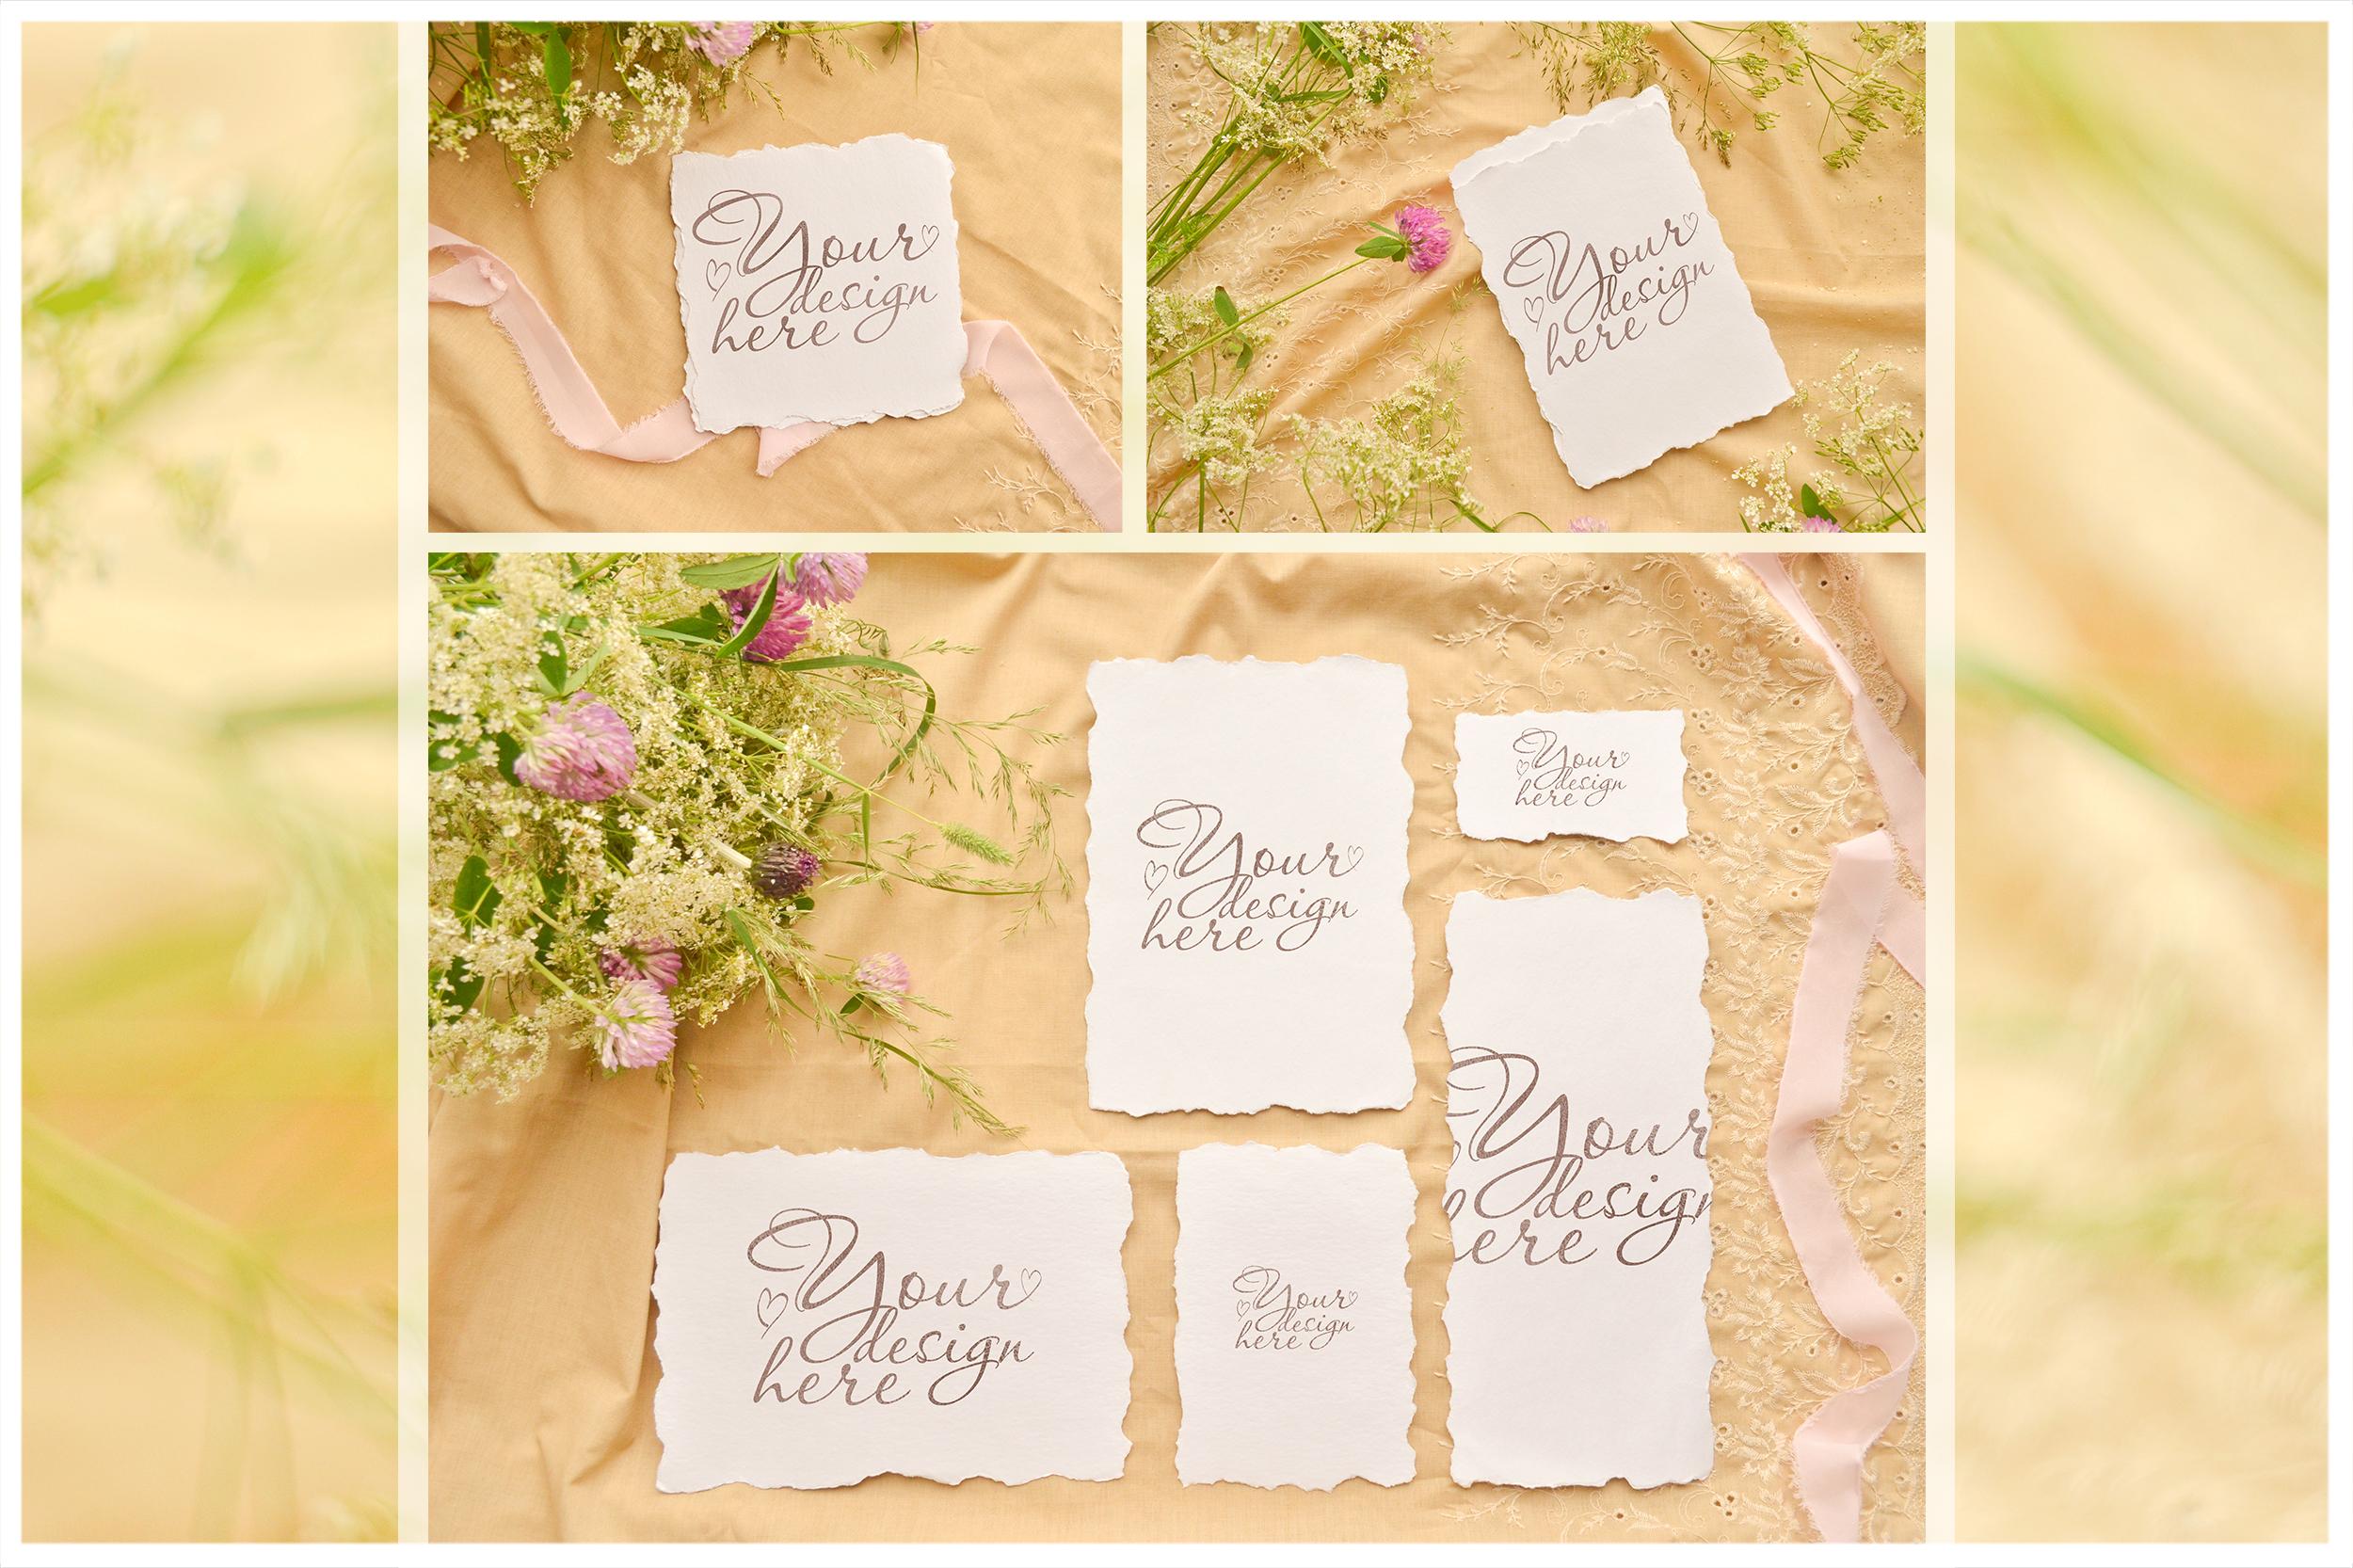 Honey Meadow. Wedding mockups & stock photo bundle example image 3